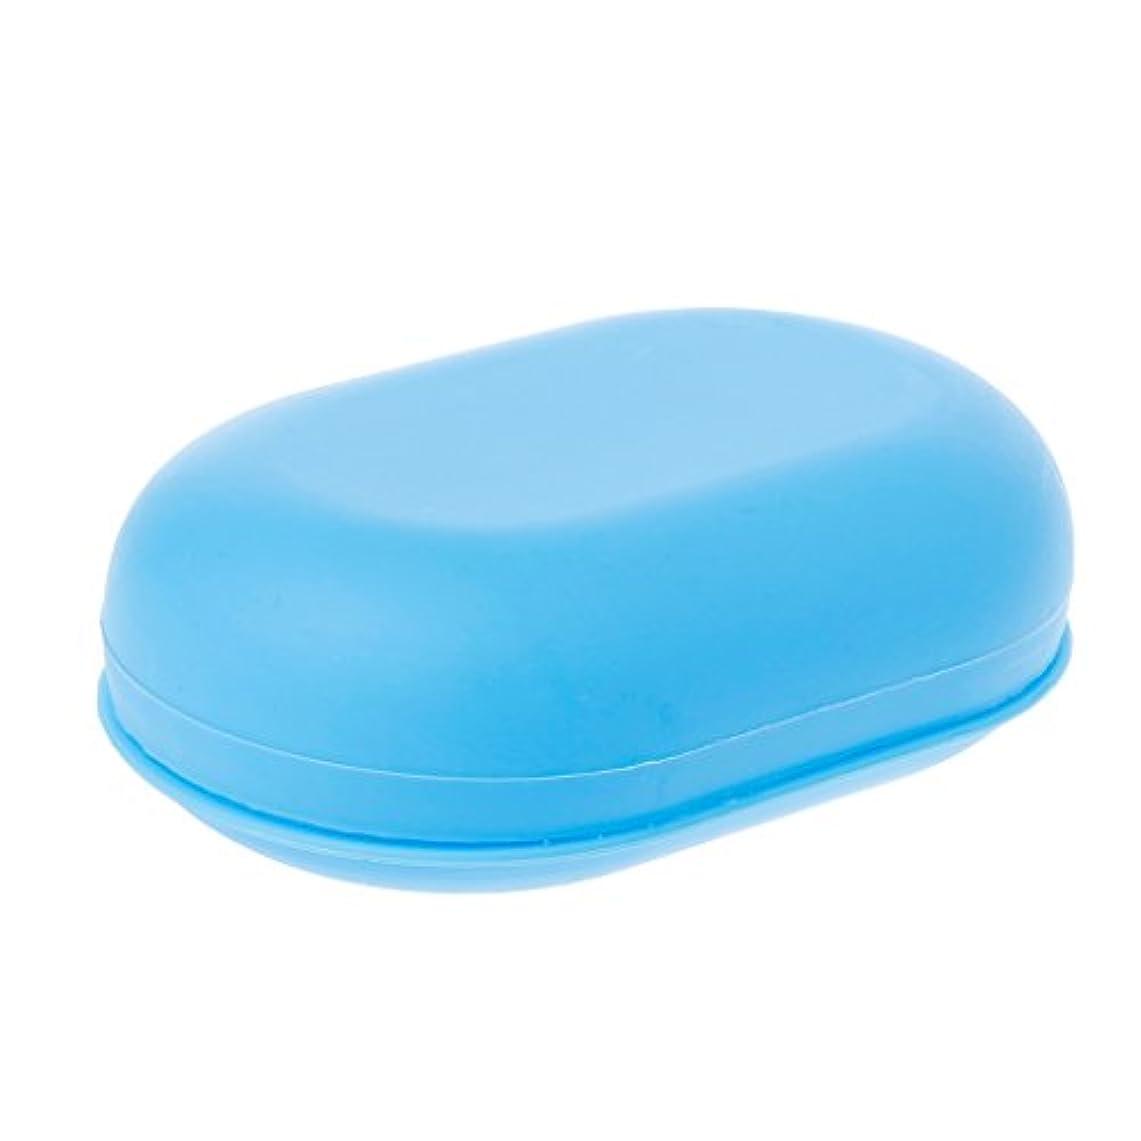 どんよりした押す居心地の良いLamdooポータブル旅行ホーム浴室のシャワーソープボックスプレート皿ホルダーケースコンテナブルー